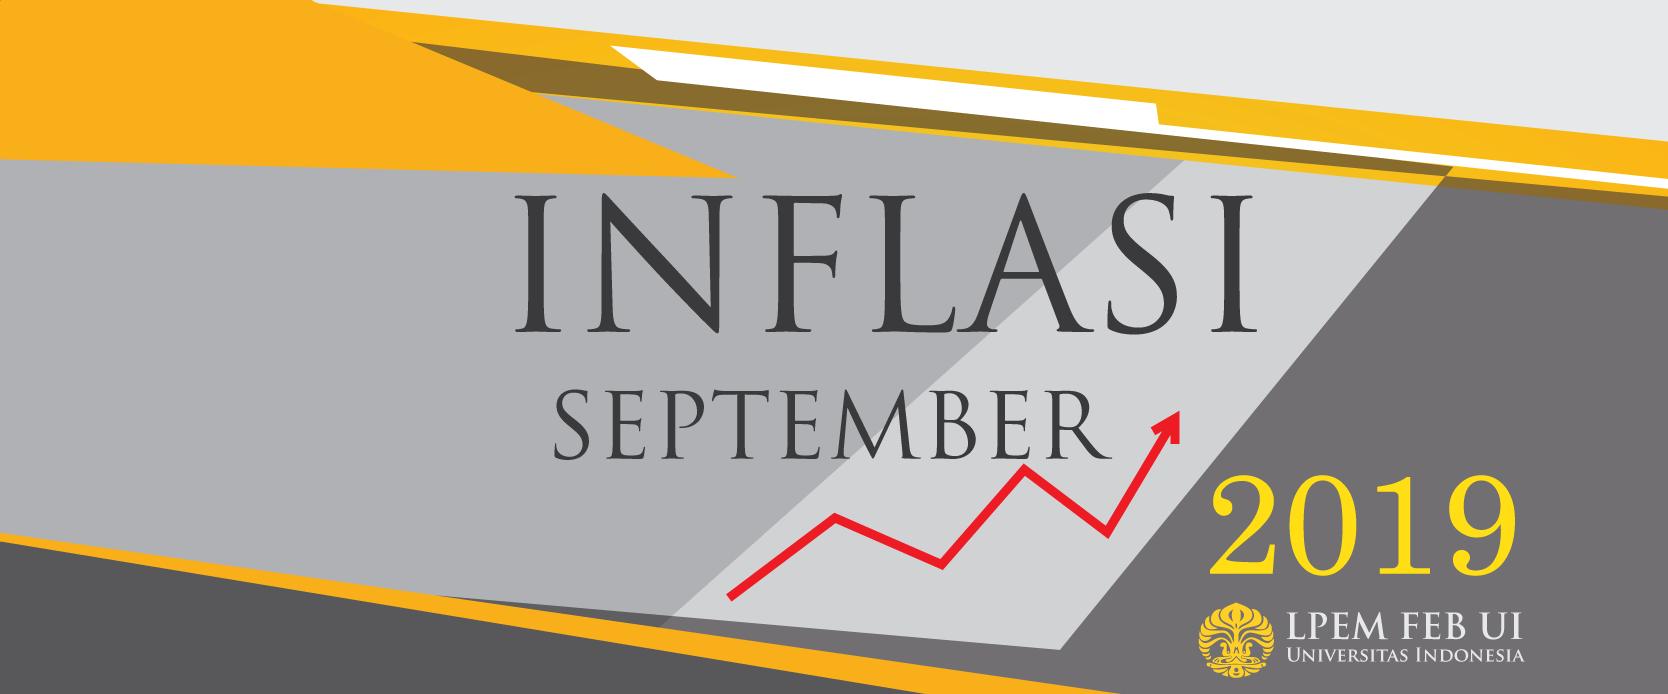 SERI ANALISIS MAKROEKONOMI: Inflasi Bulanan, September 2019